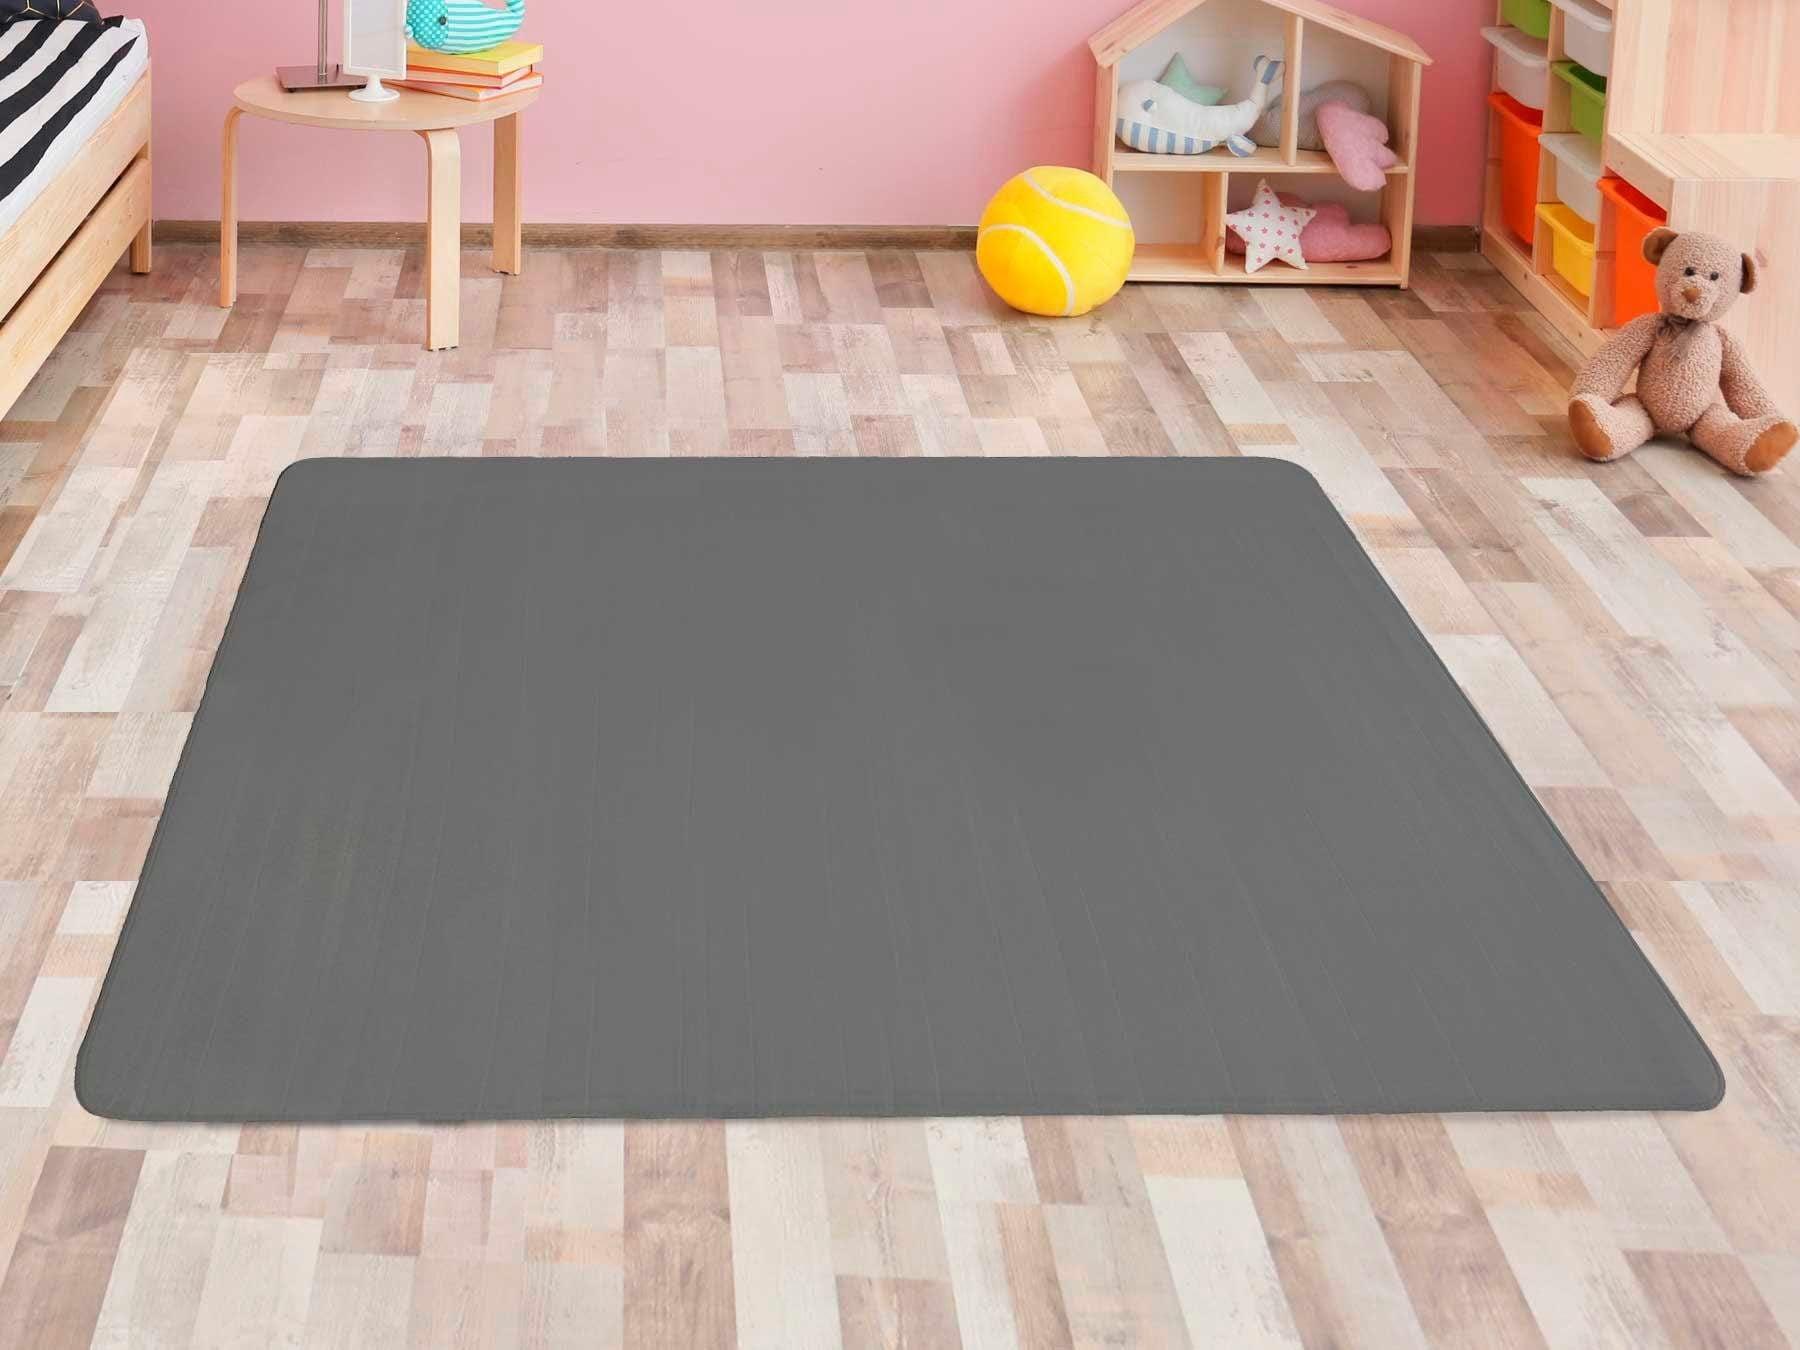 Primaflor-Ideen in Textil Kinderteppich SITZKREIS, rechteckig, 5 mm Höhe, Spielteppich, ideal im Kinderzimmer grau Kinder Spielteppiche Kinderteppiche Teppiche